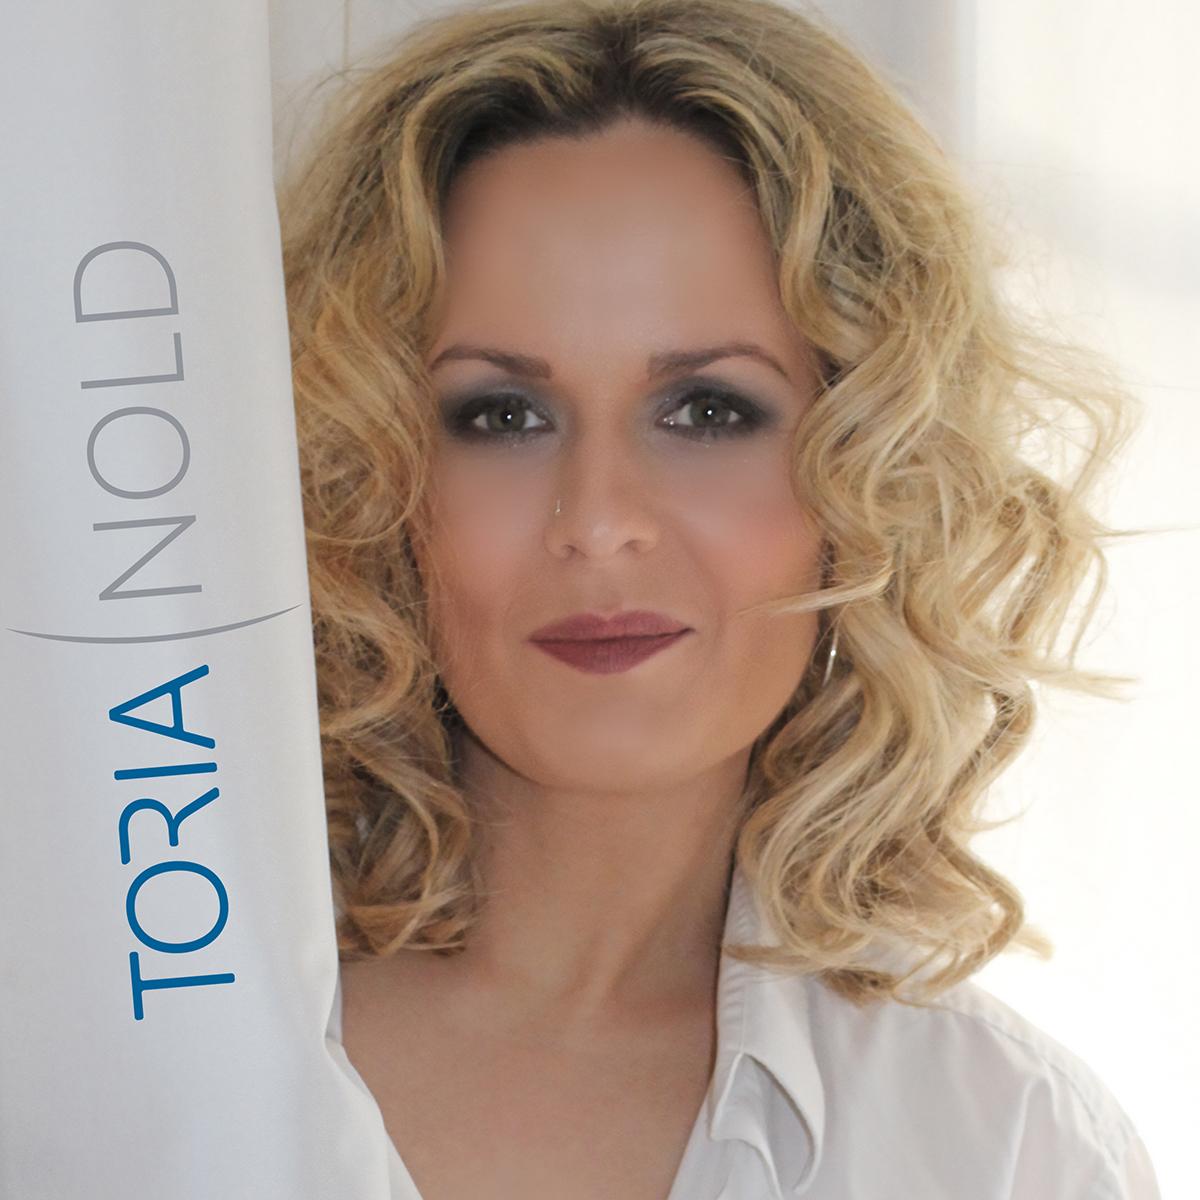 Toria Nold - Schlagerpop & Pop-Sängerin aus Worms